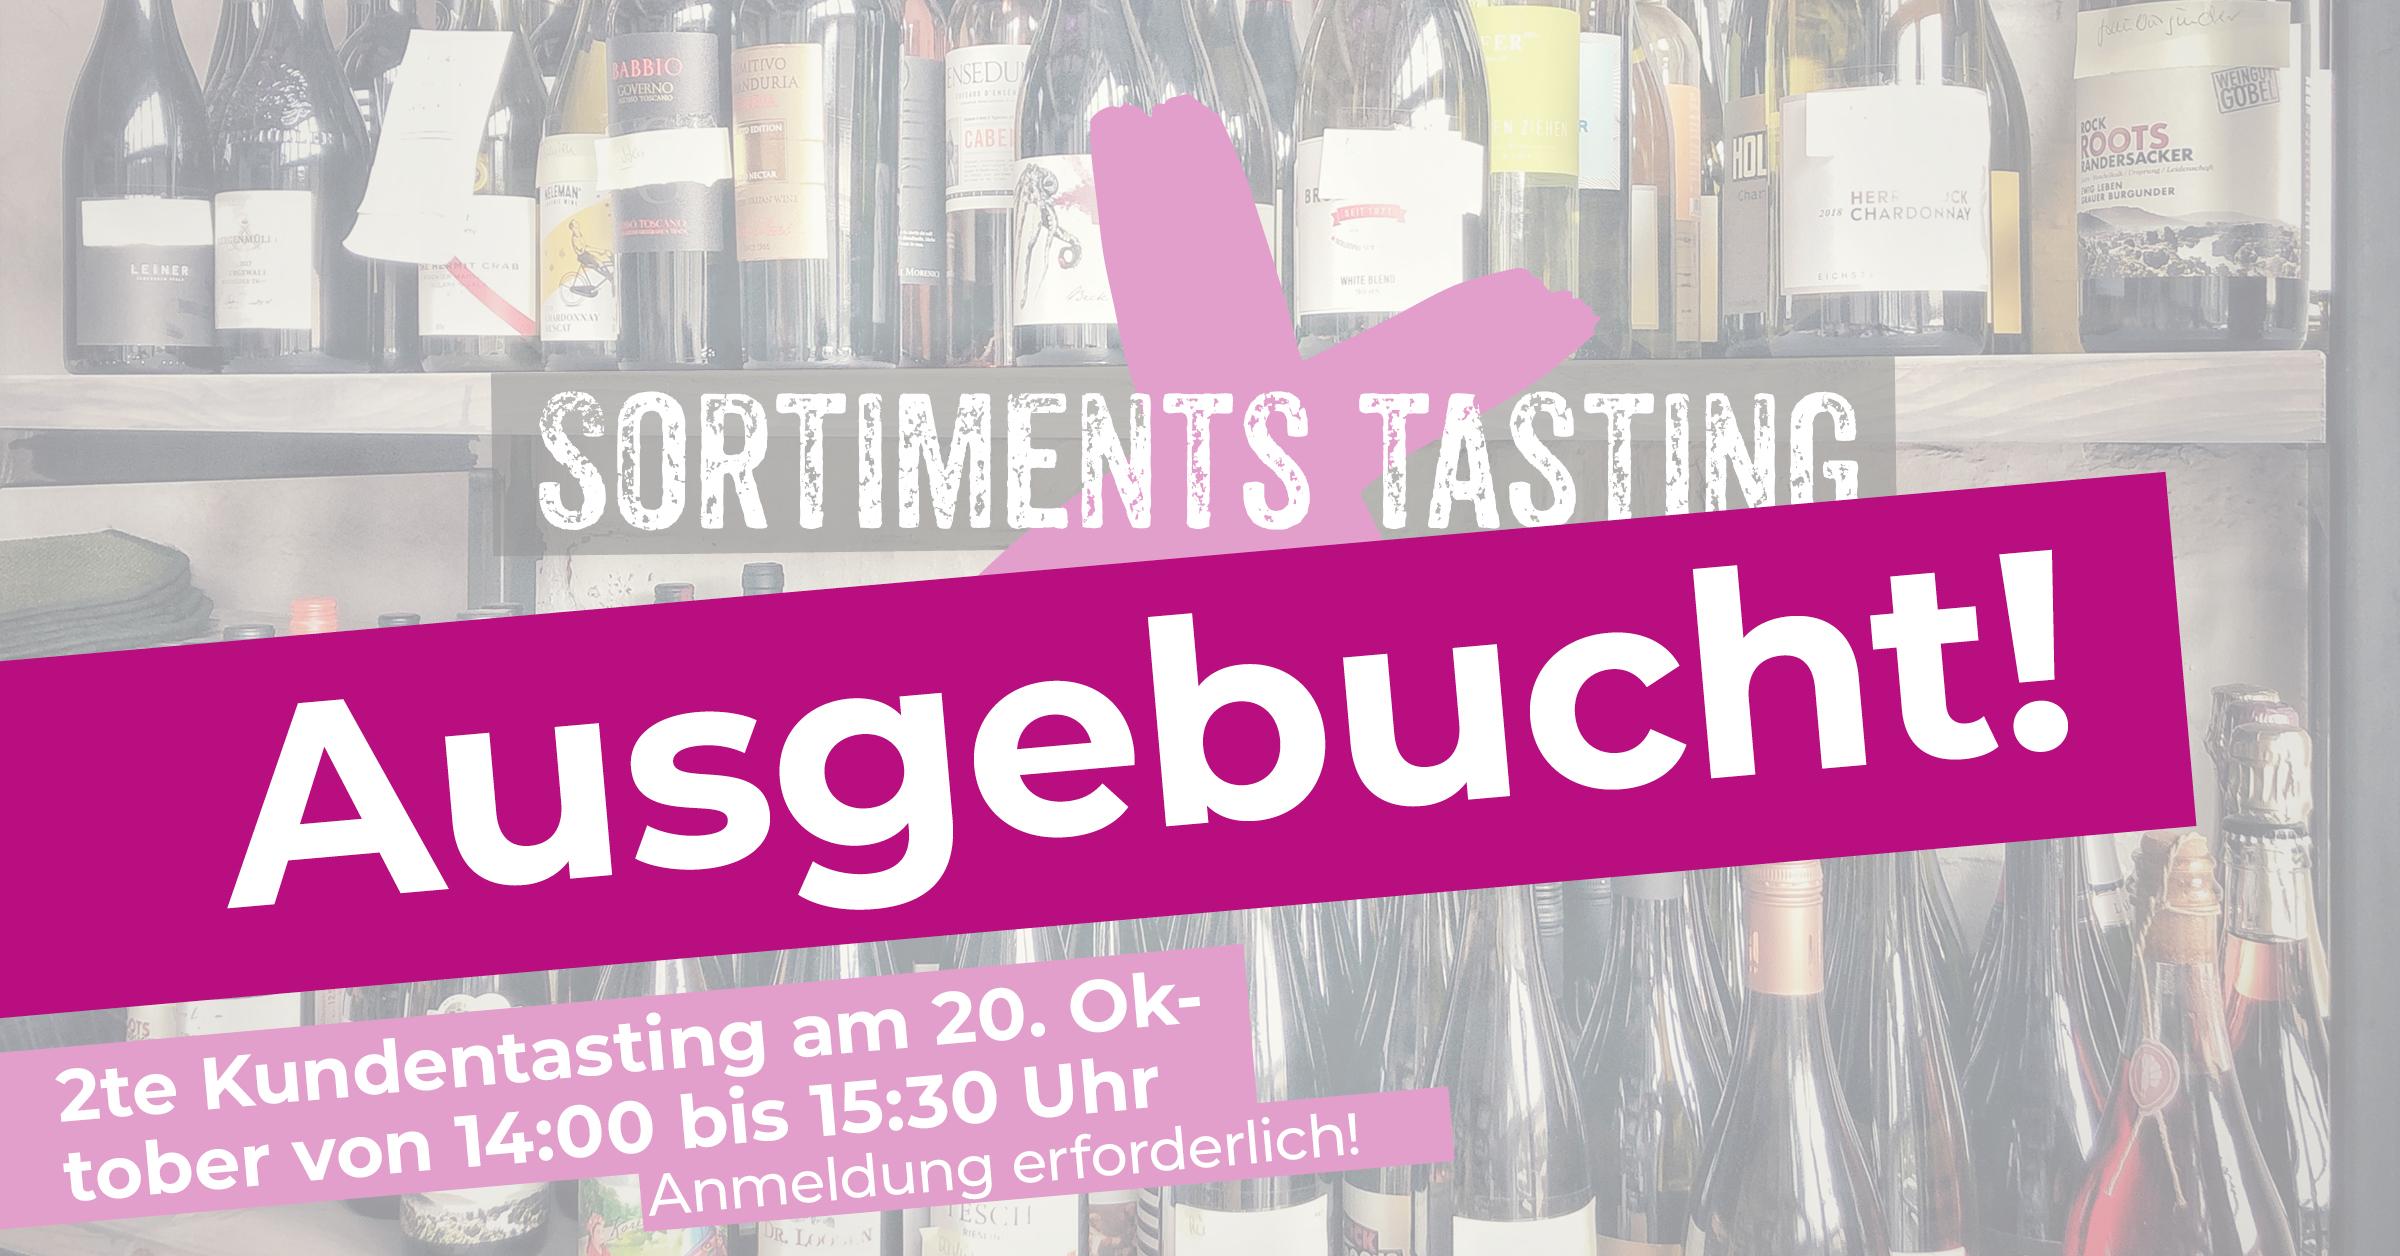 2te Weinprobe und Sortimentstasting mit unseren Kunden und Gästen im WINE HOUSE Krefeld auf dem Großmarkt